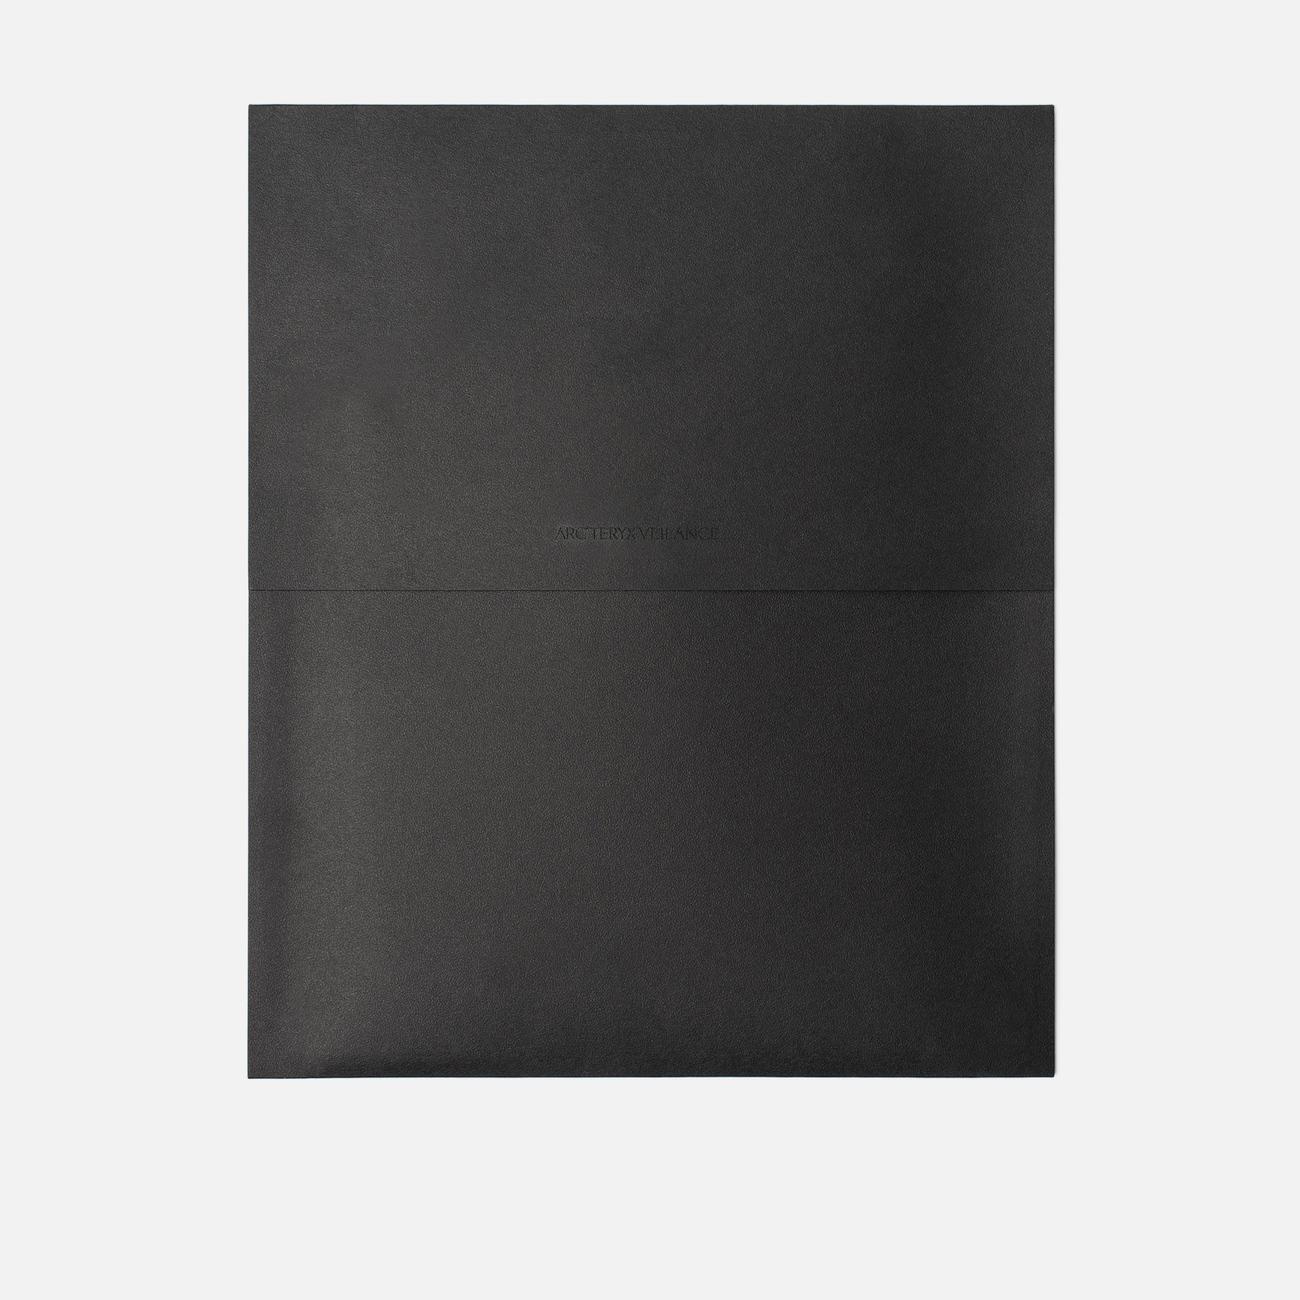 Обложка для паспорта Arcteryx Veilance Cassing Black